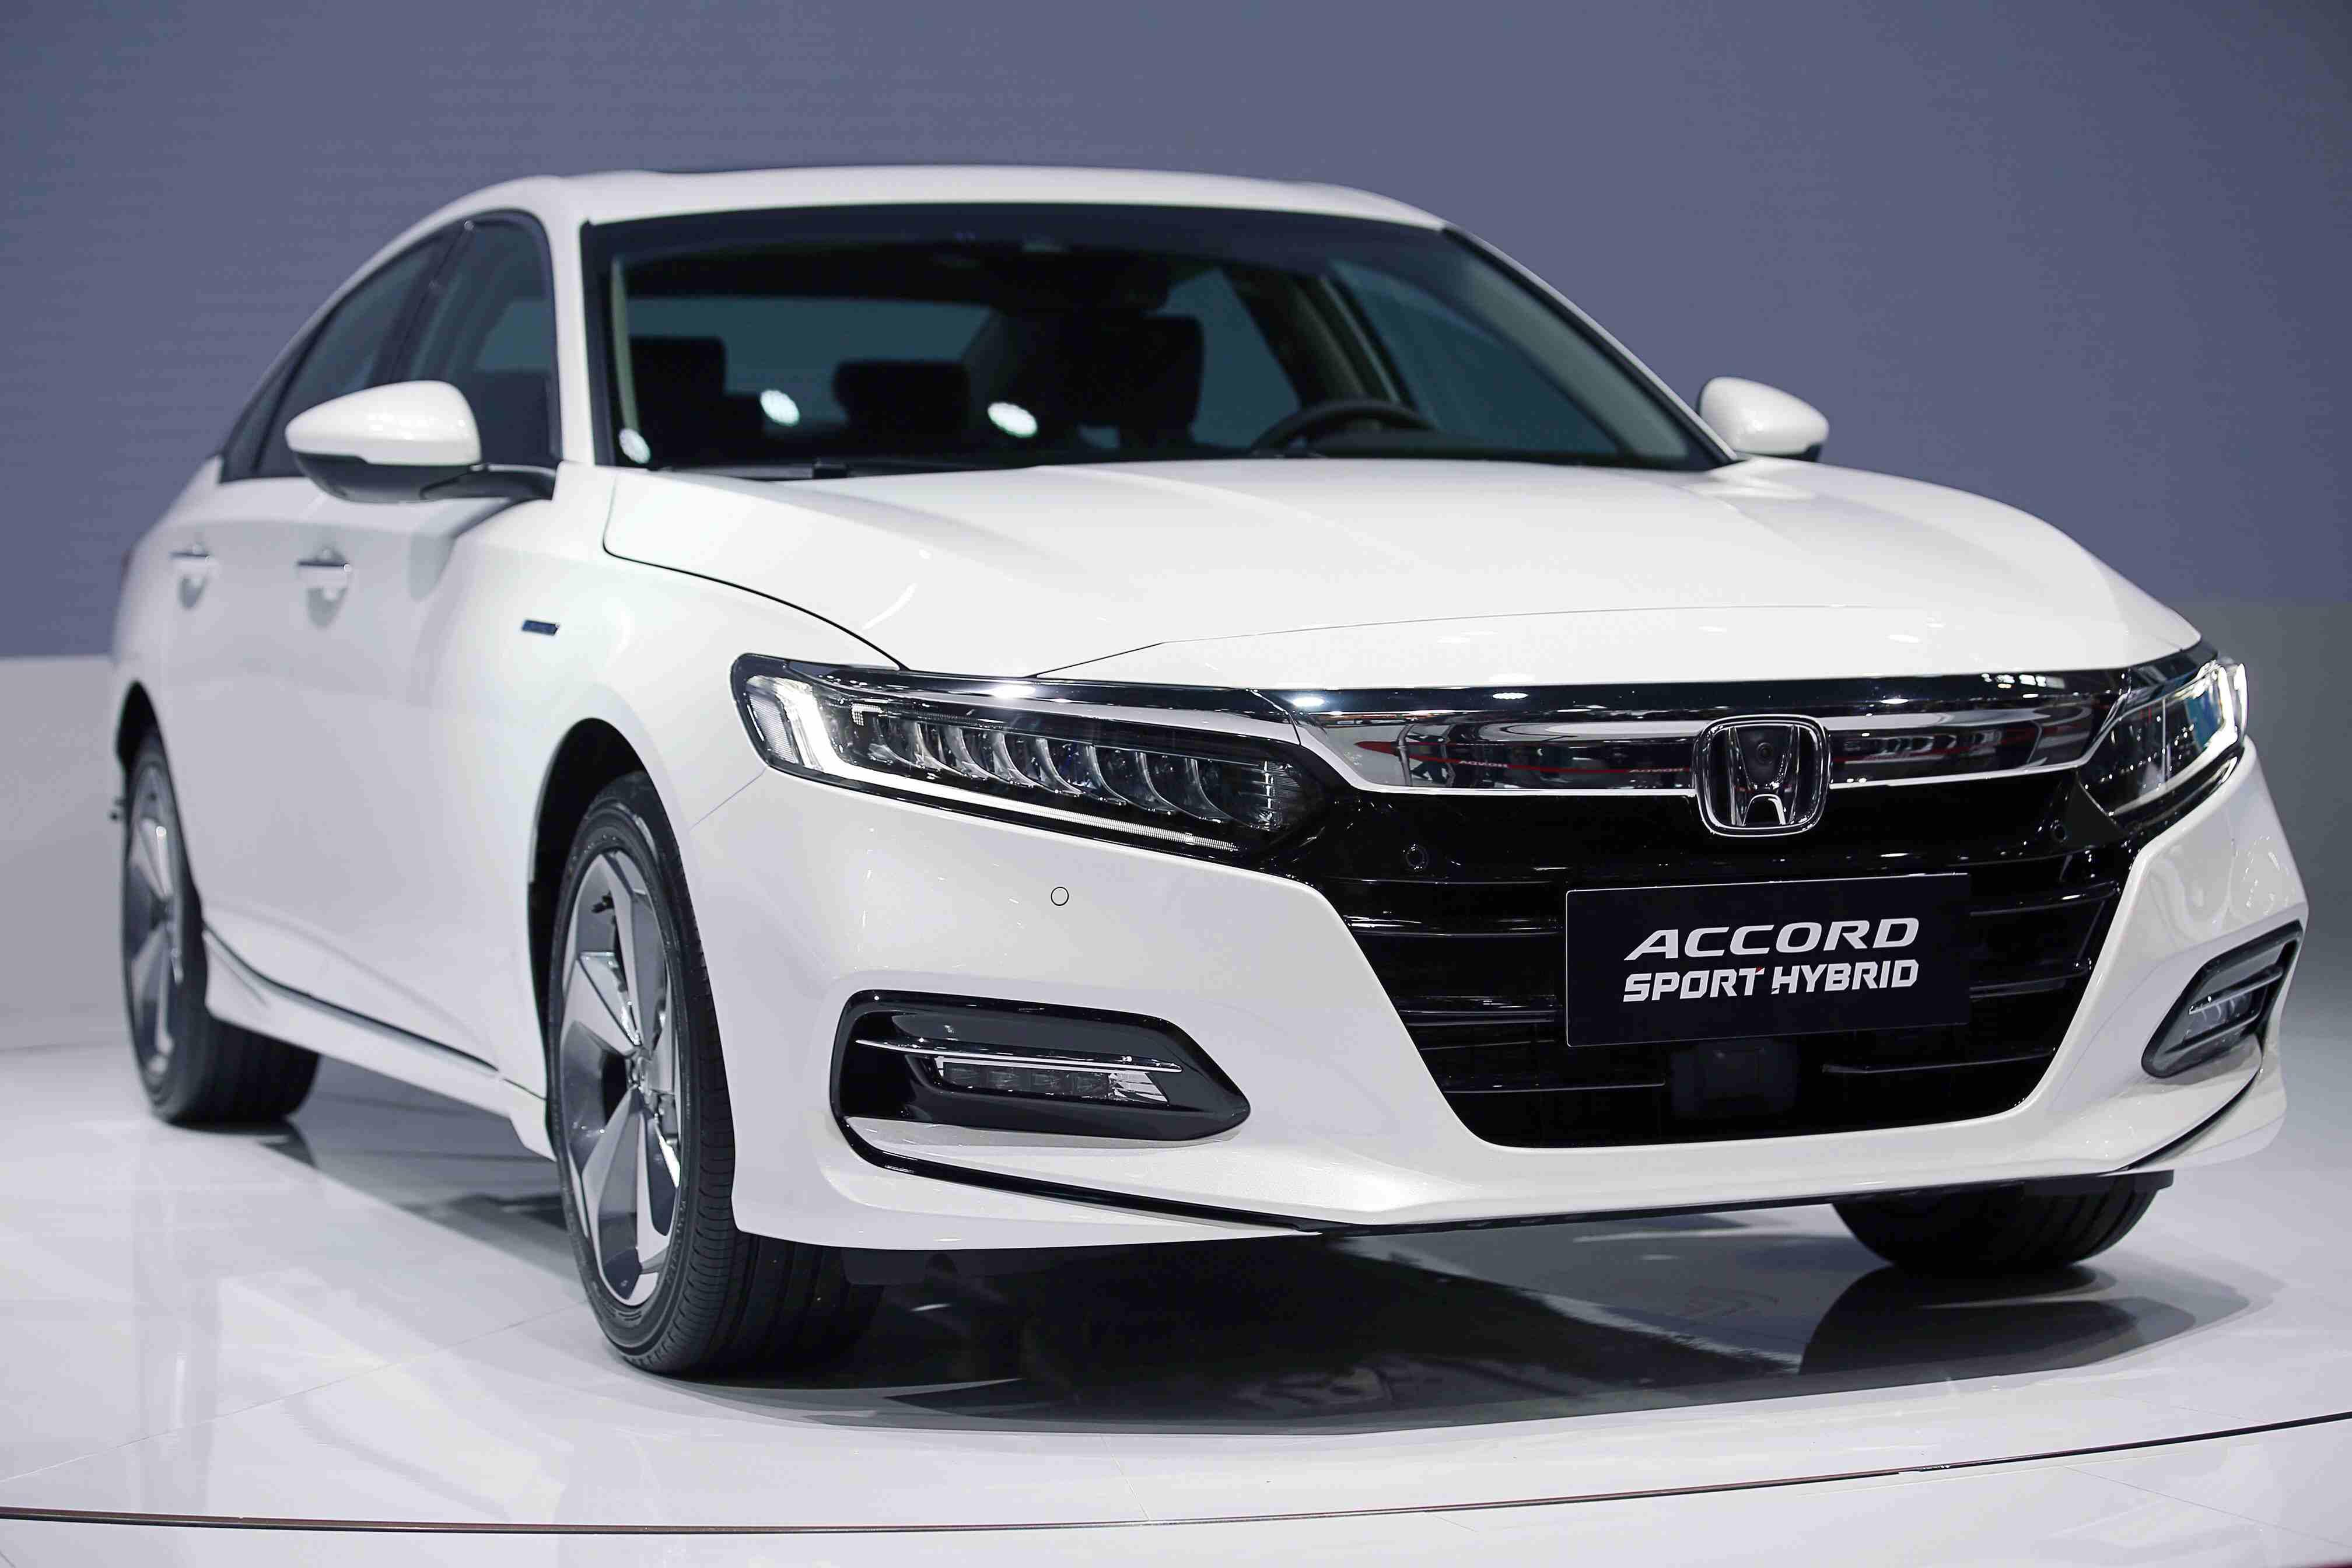 广汽本田上半年累计销量335,433辆 多款车型实现销量里程碑 献礼企业